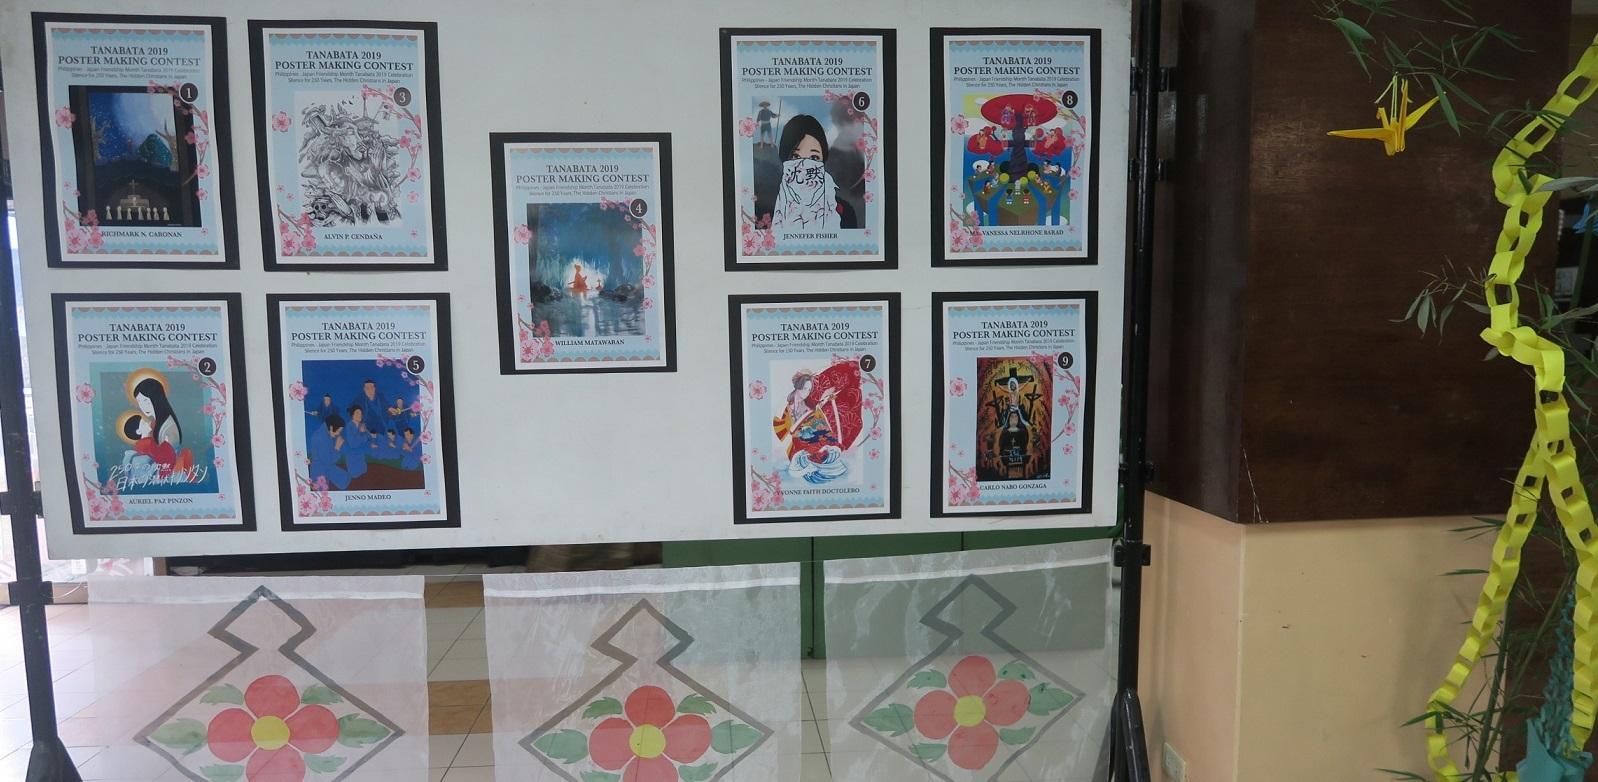 バギオ七夕祭10 Philippines-Japan Friendship month 2019  -その3- <「17世紀における日比間の交流の歴史」コーナー>_a0109542_13360103.jpg